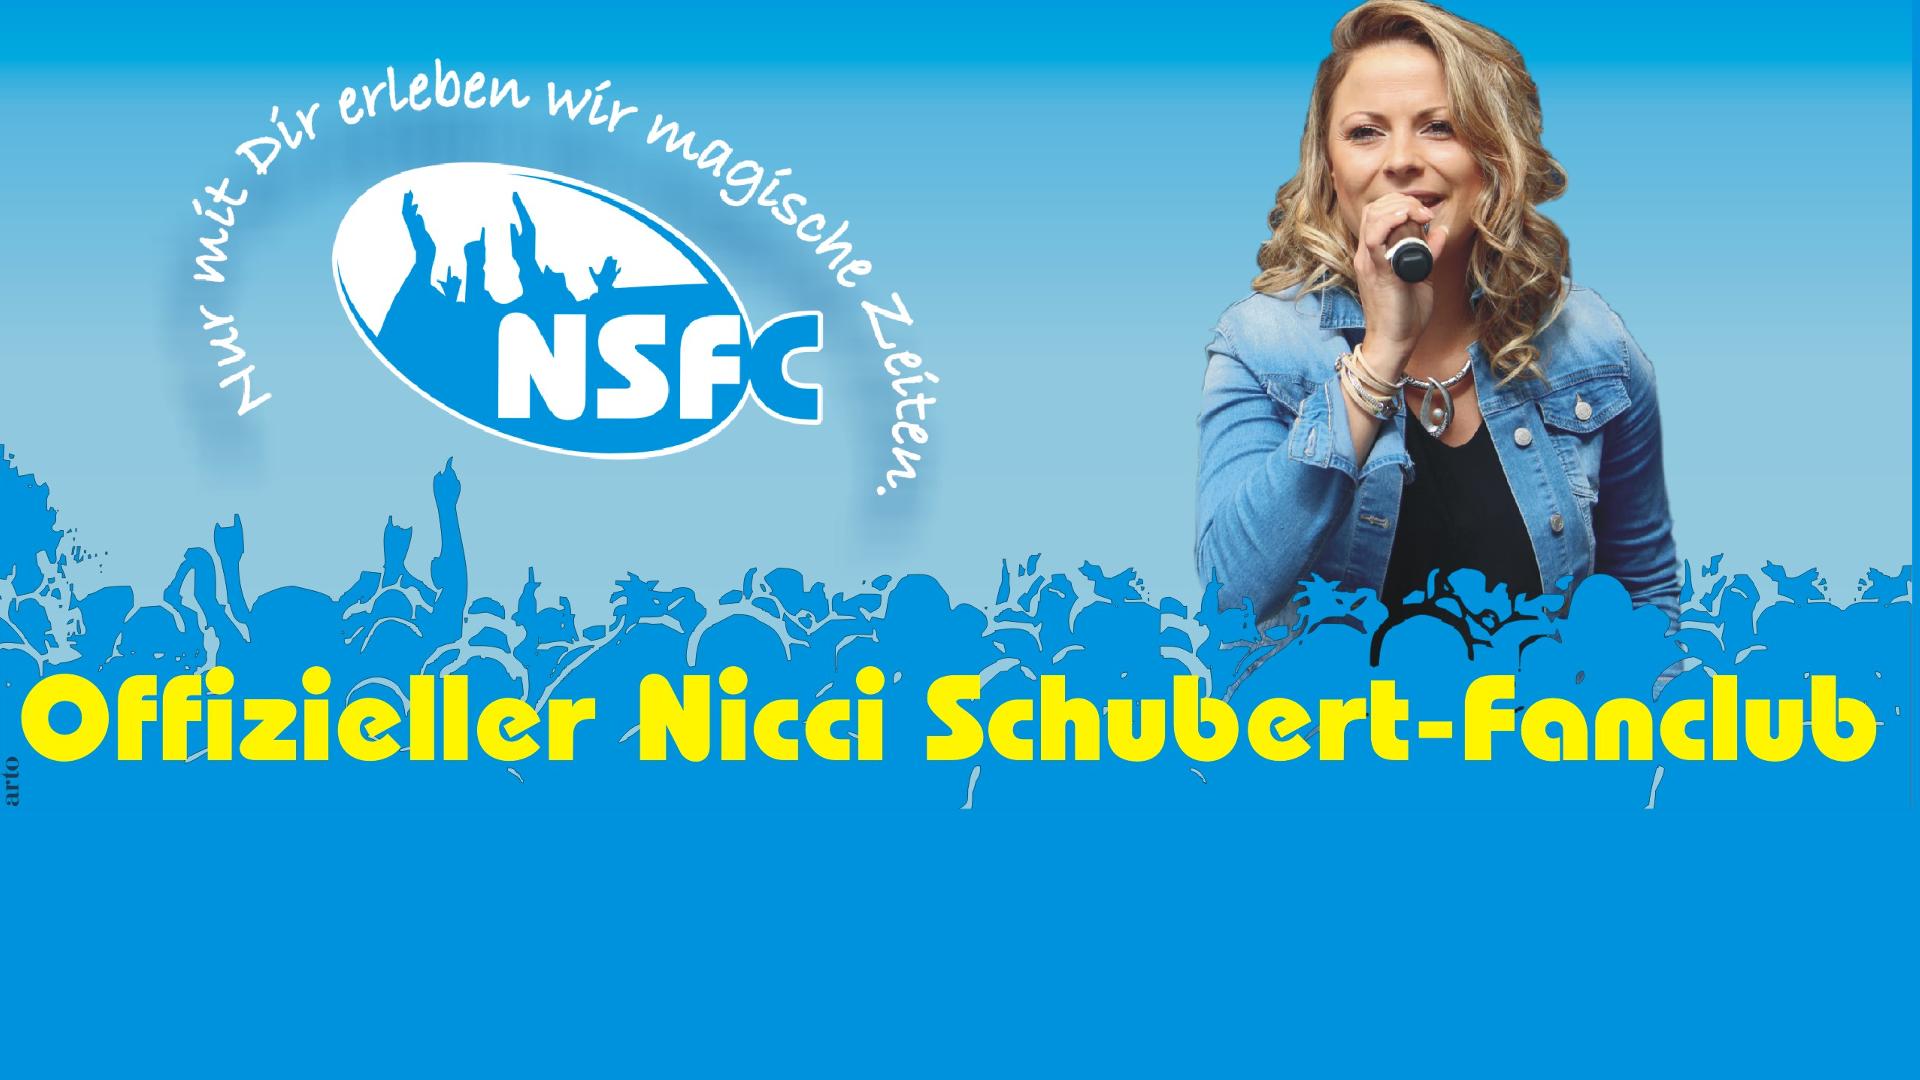 Offizieller Nicci Schubert Fanclub